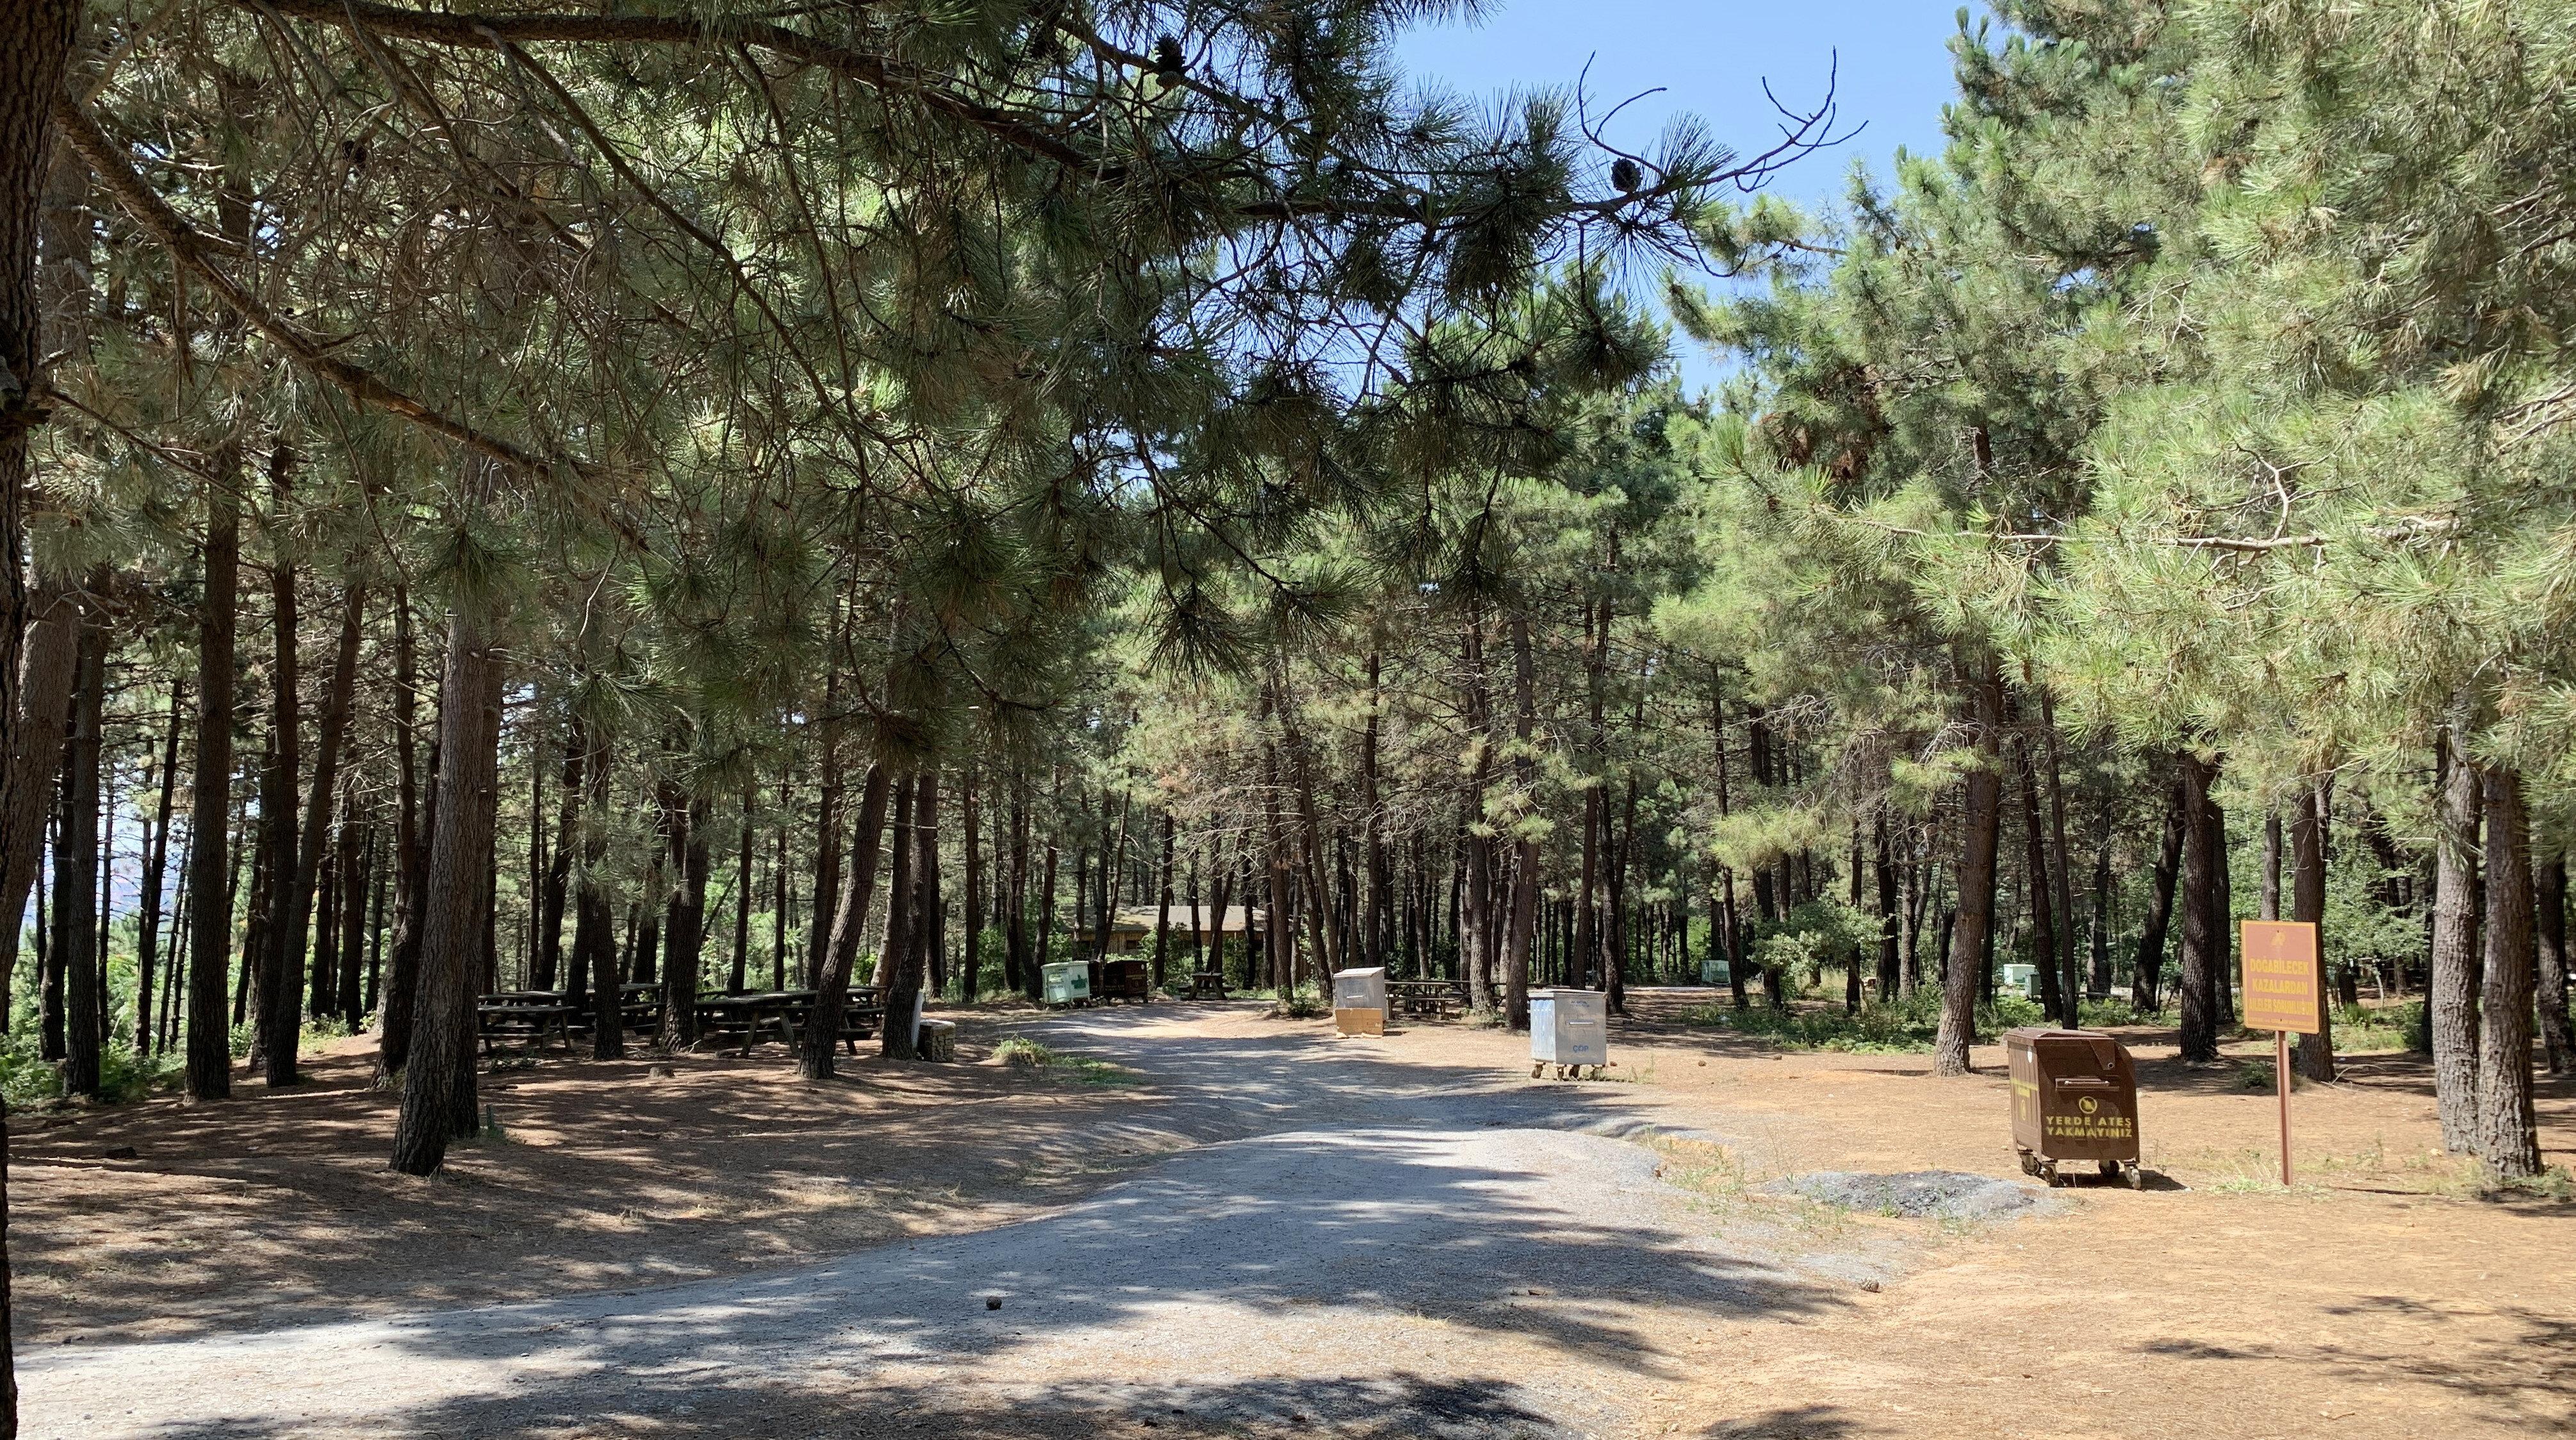 Pazar günü İstanbul'da mesire alanlarının sakin olduğu gözlendi.